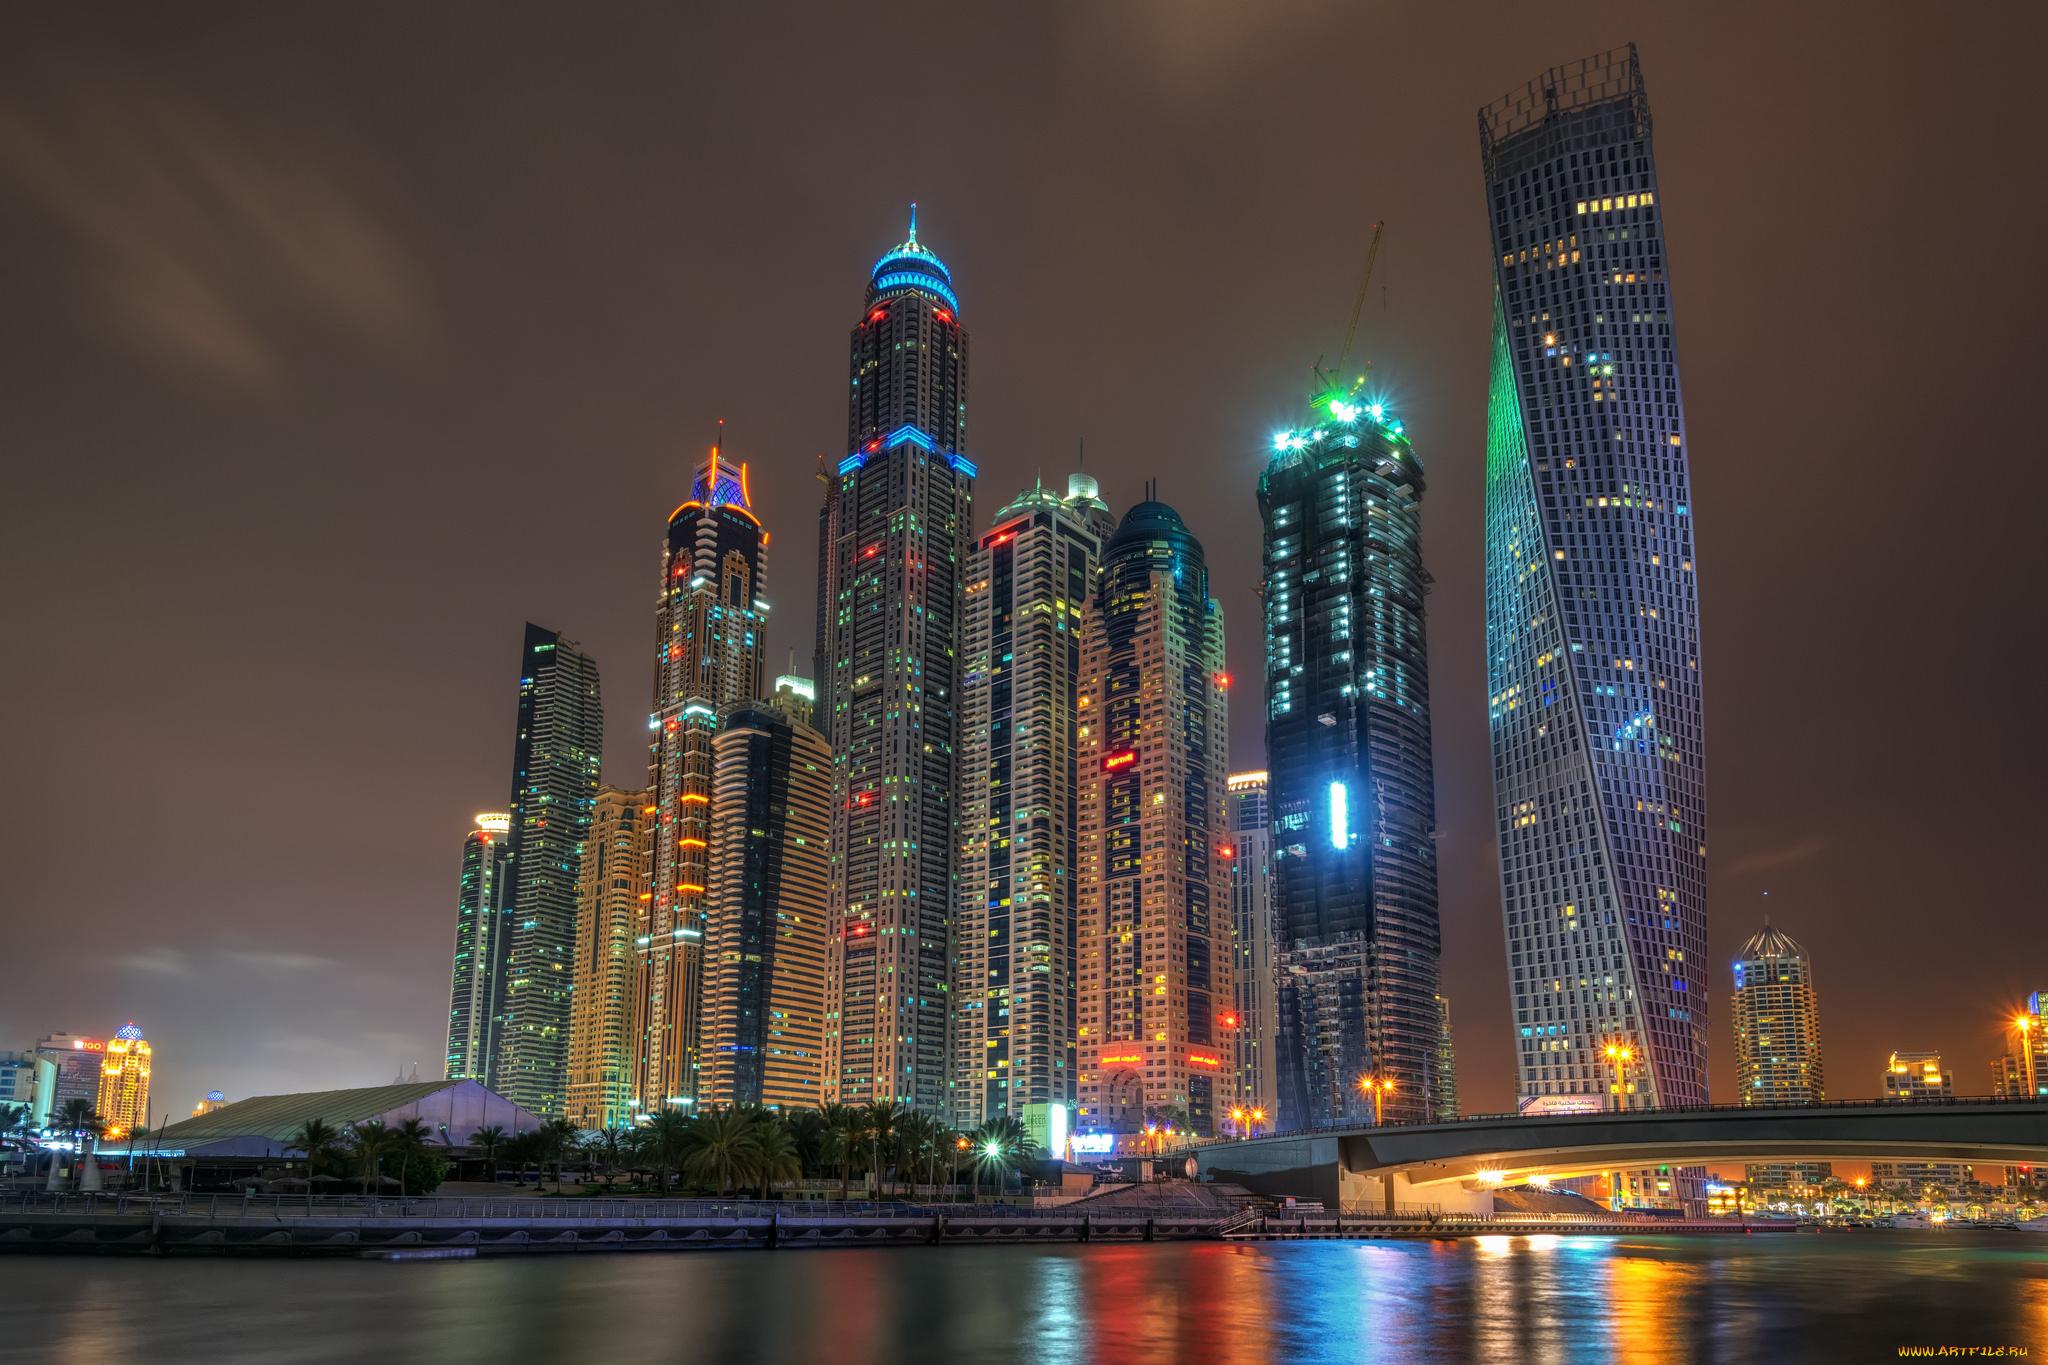 страны архитектура небоскреб рассвет Дубаи объединенные арабские эмираты  № 2209905 без смс